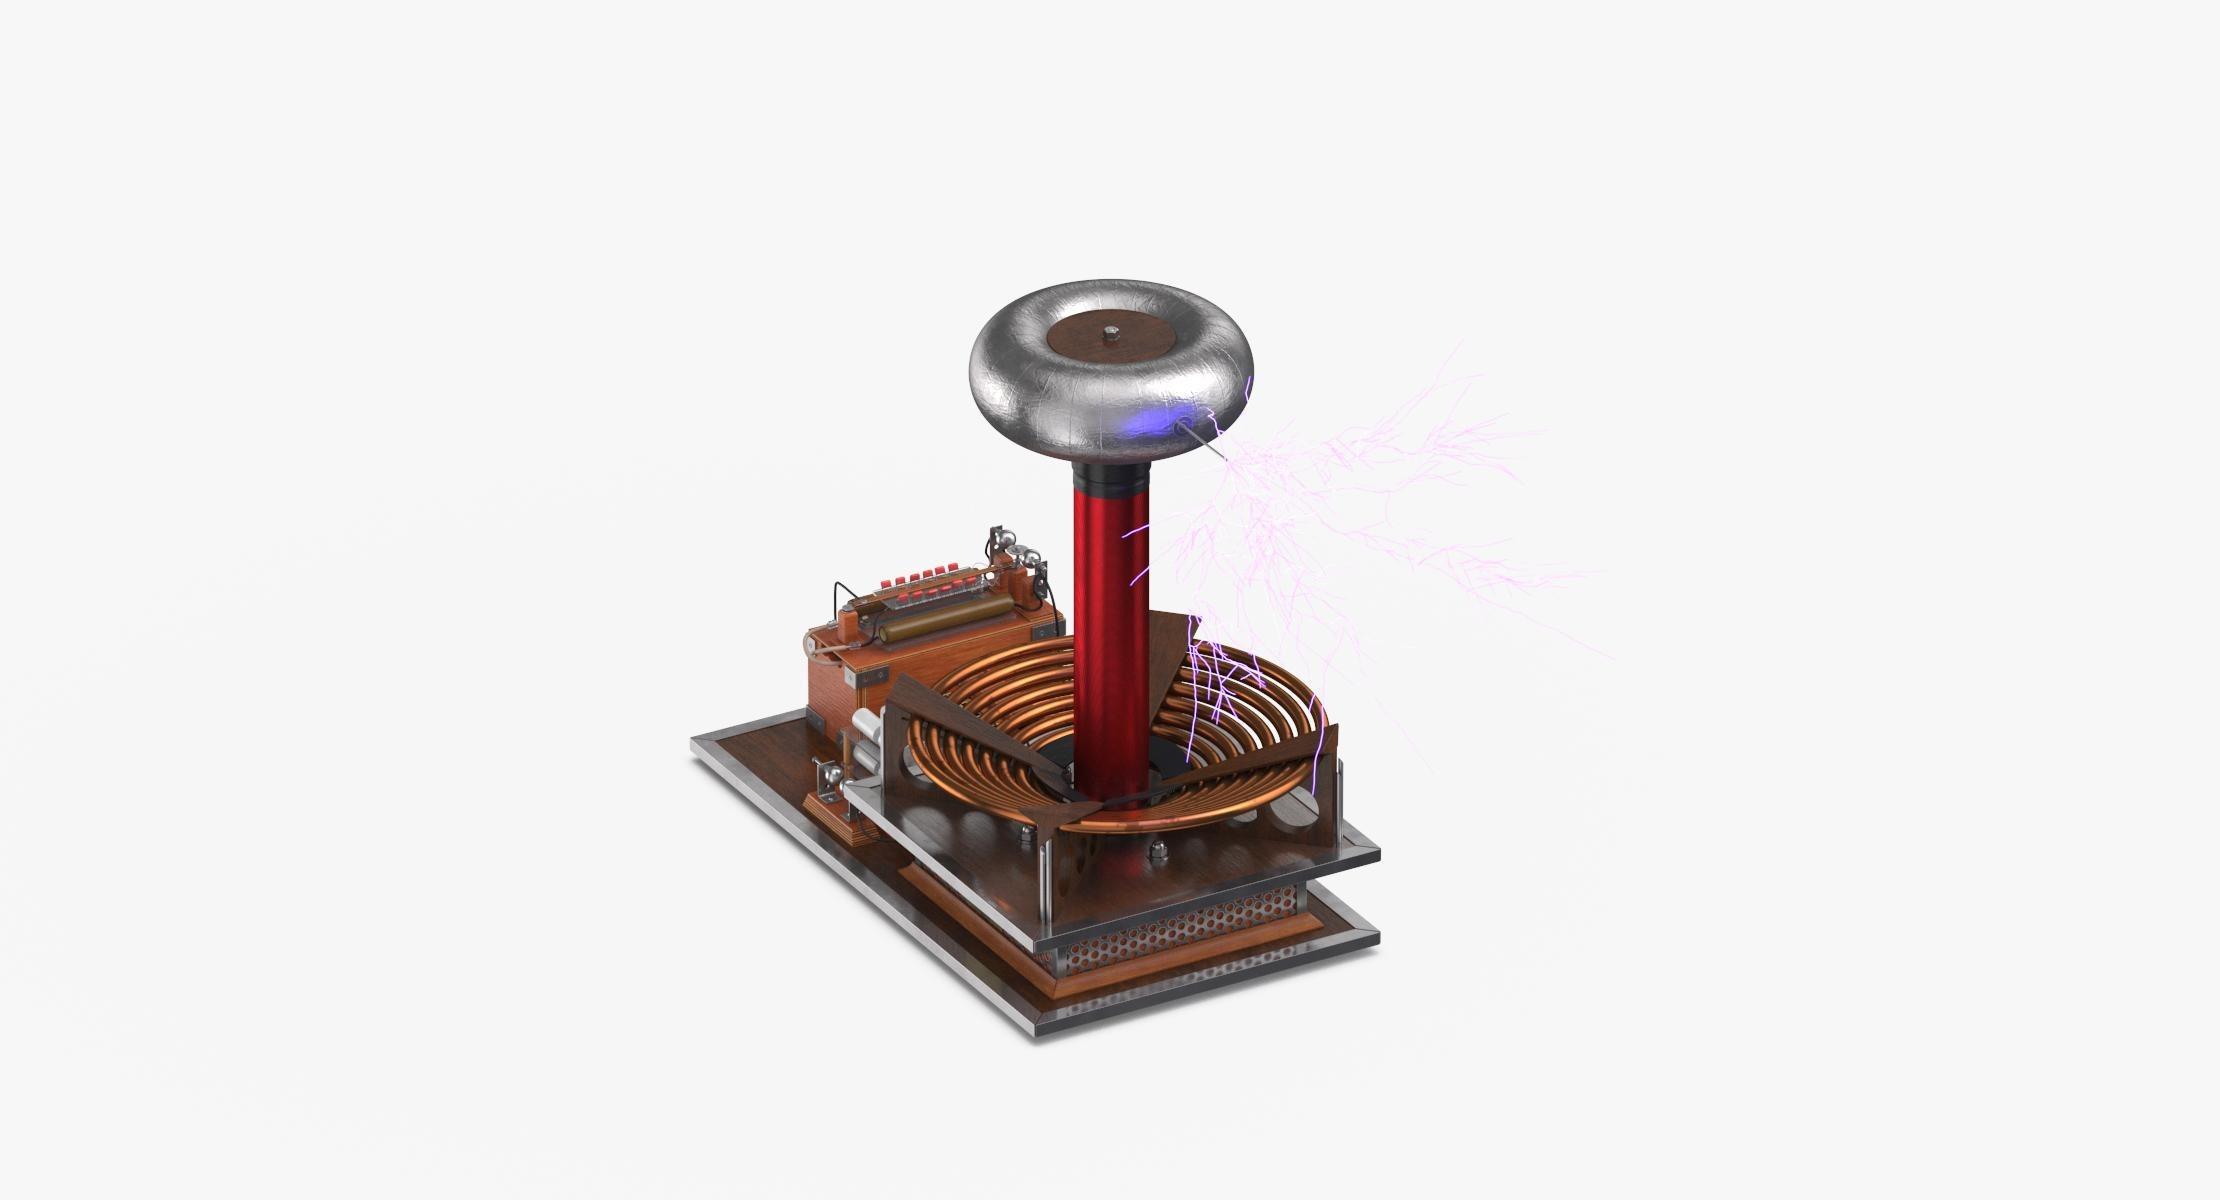 Tesla Coil 03 Lit - reel 1